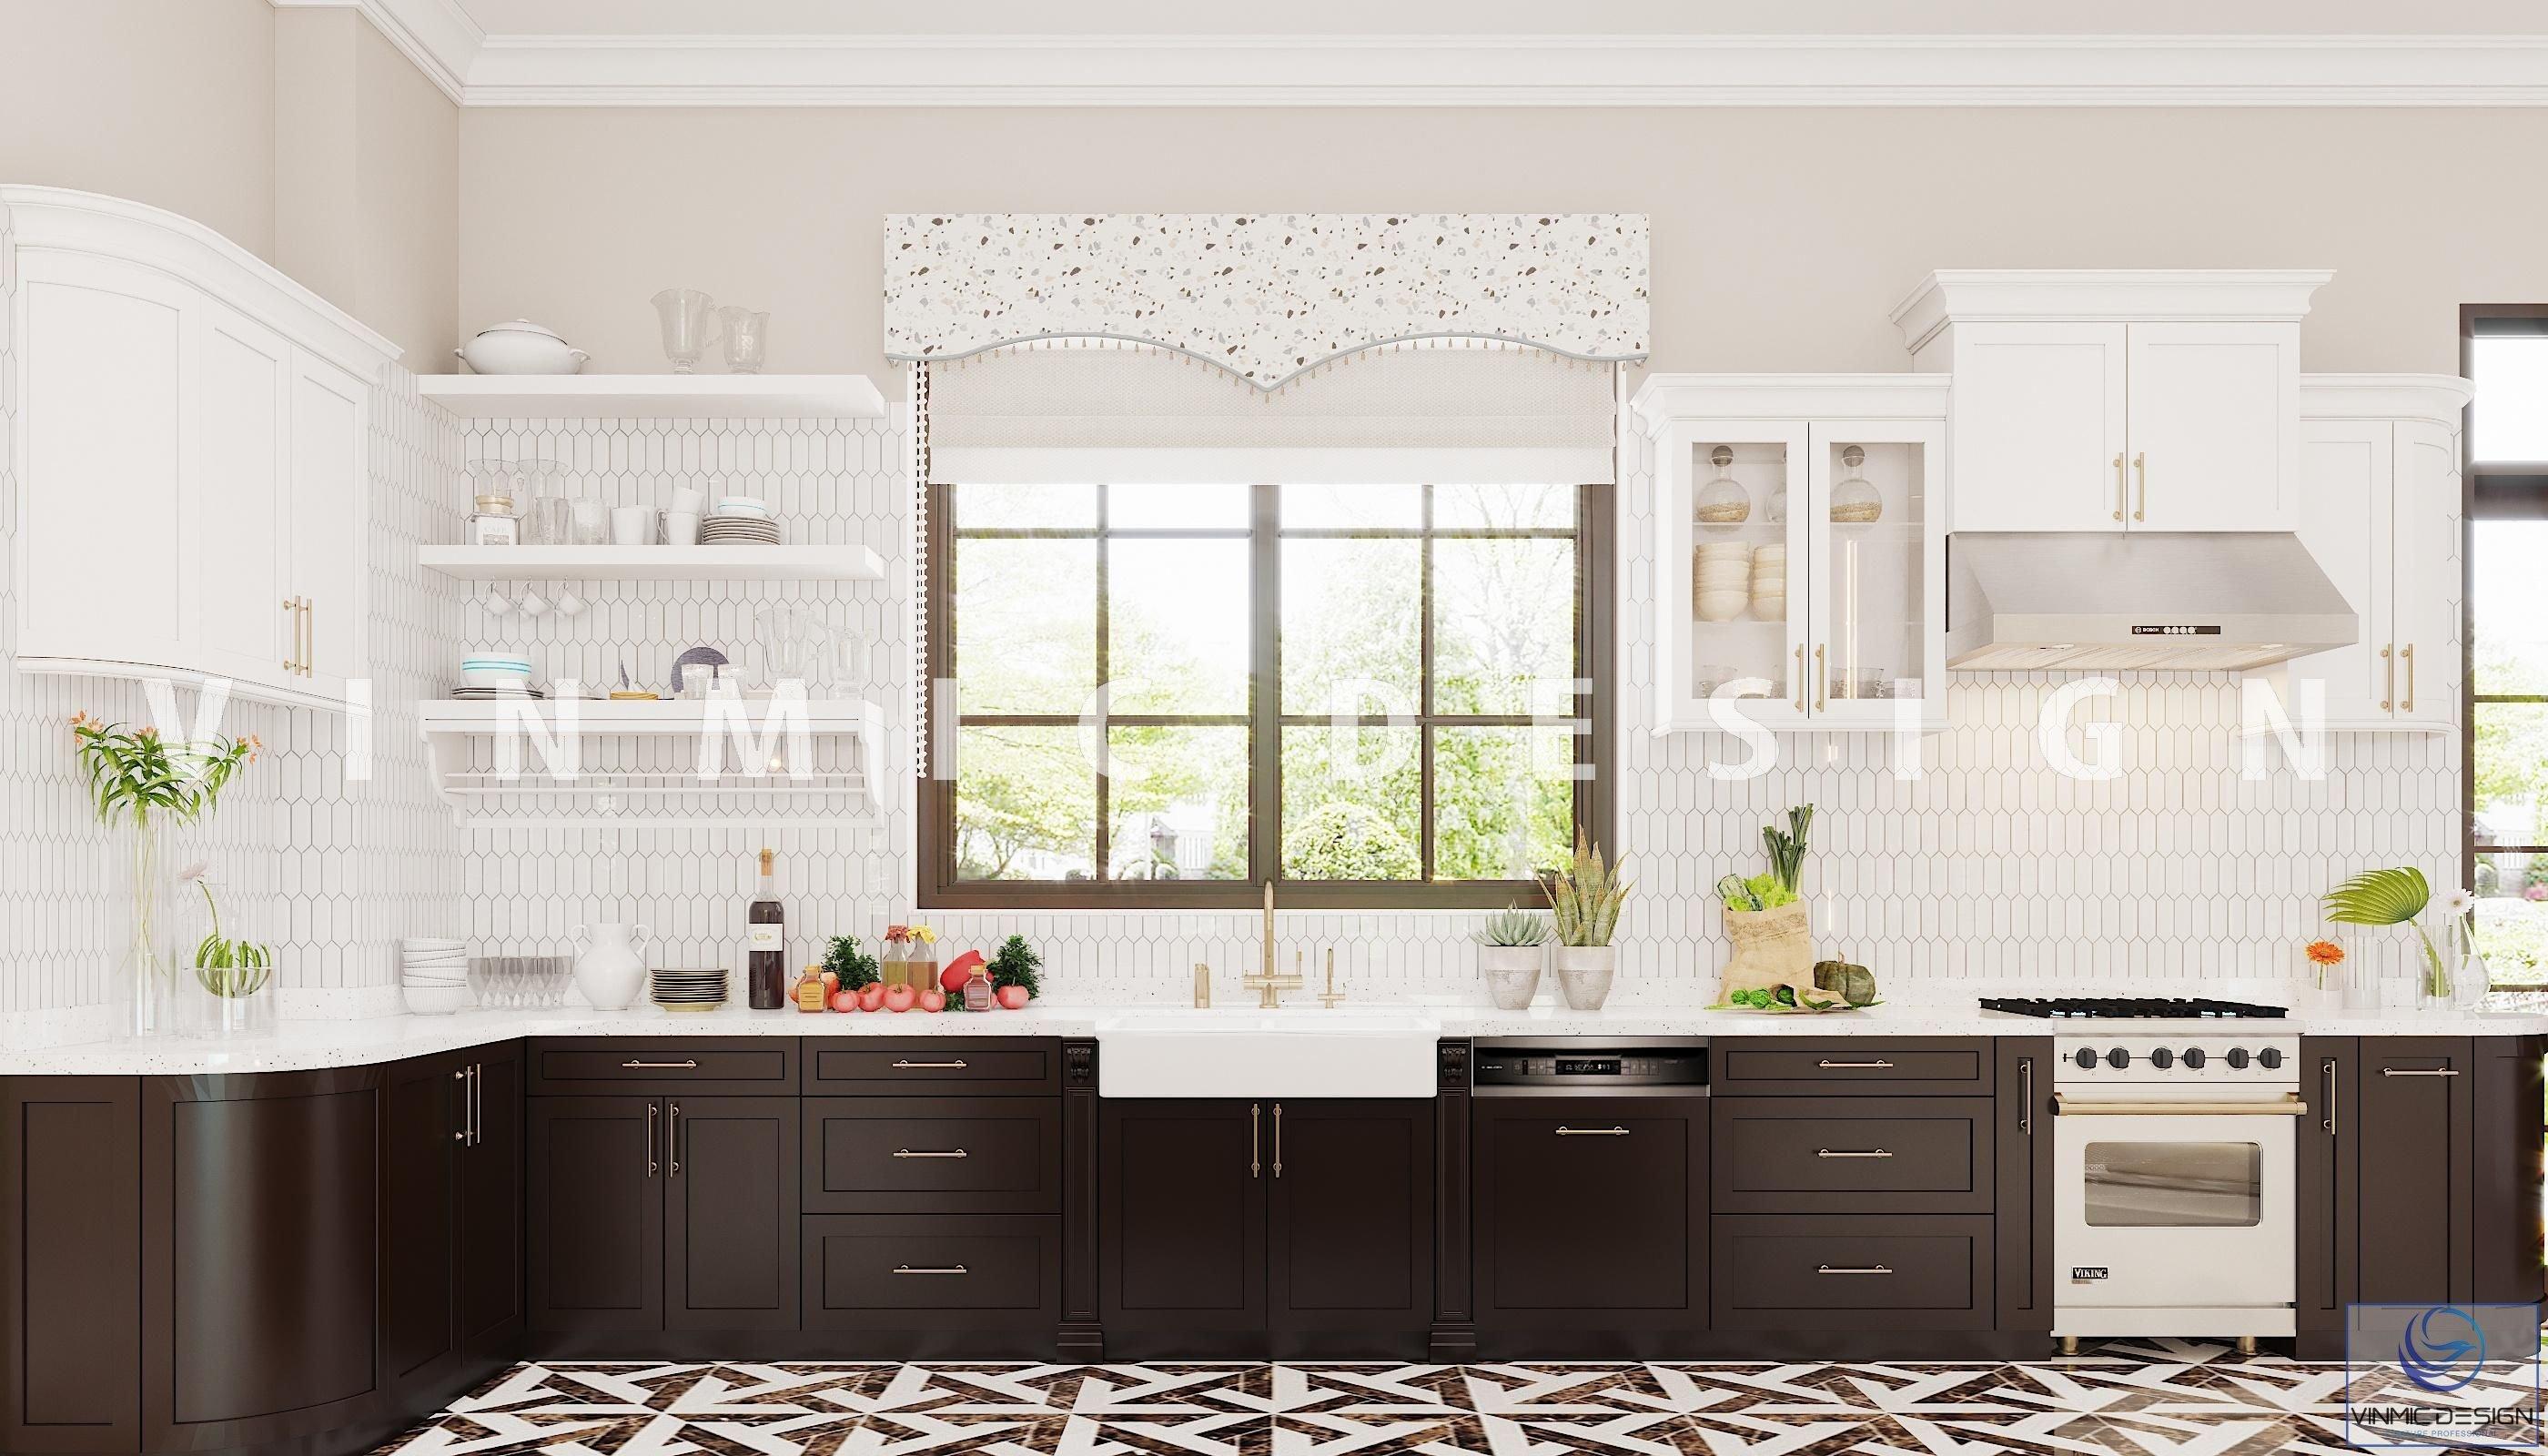 Thiết kế phòng bếp phong cách Indochine đẹp cho biệt thự tại Vinhomes Imperia Hải Phòng